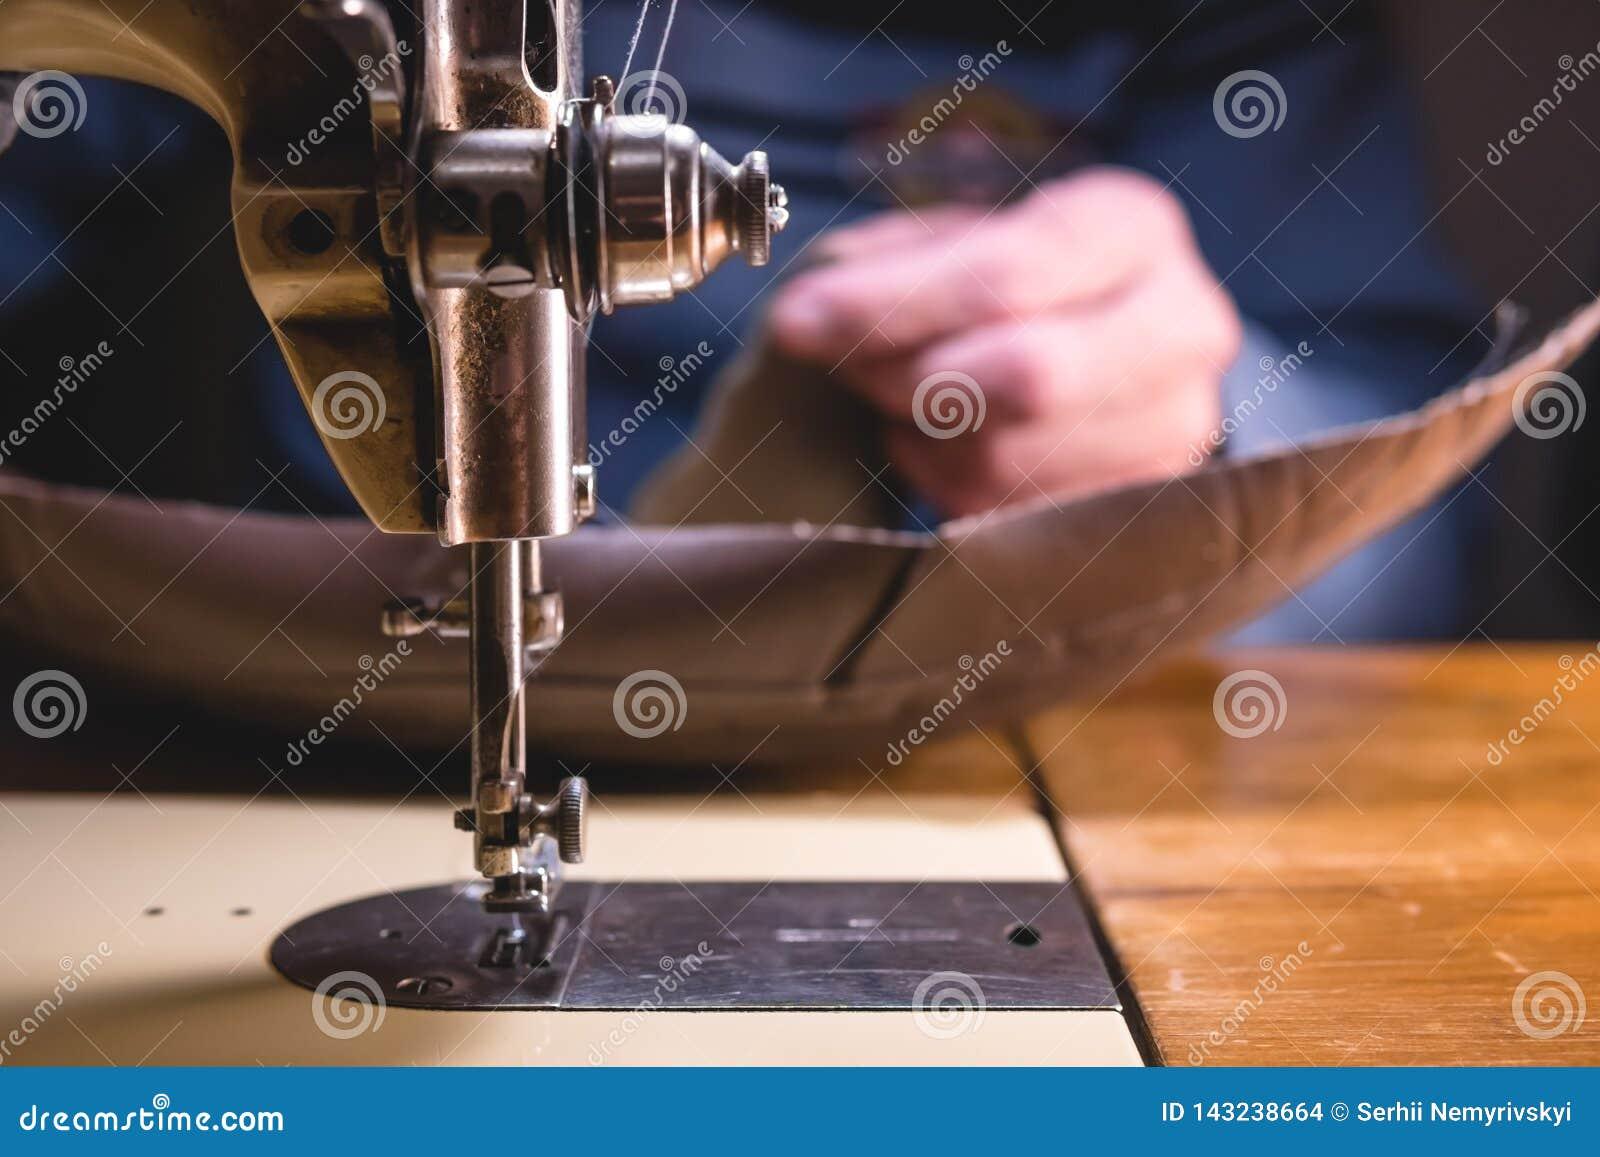 Het naaien proces van de leerriem oude Man handen achter het naaien Leerworkshop het textiel uitstekende industrieel naaien